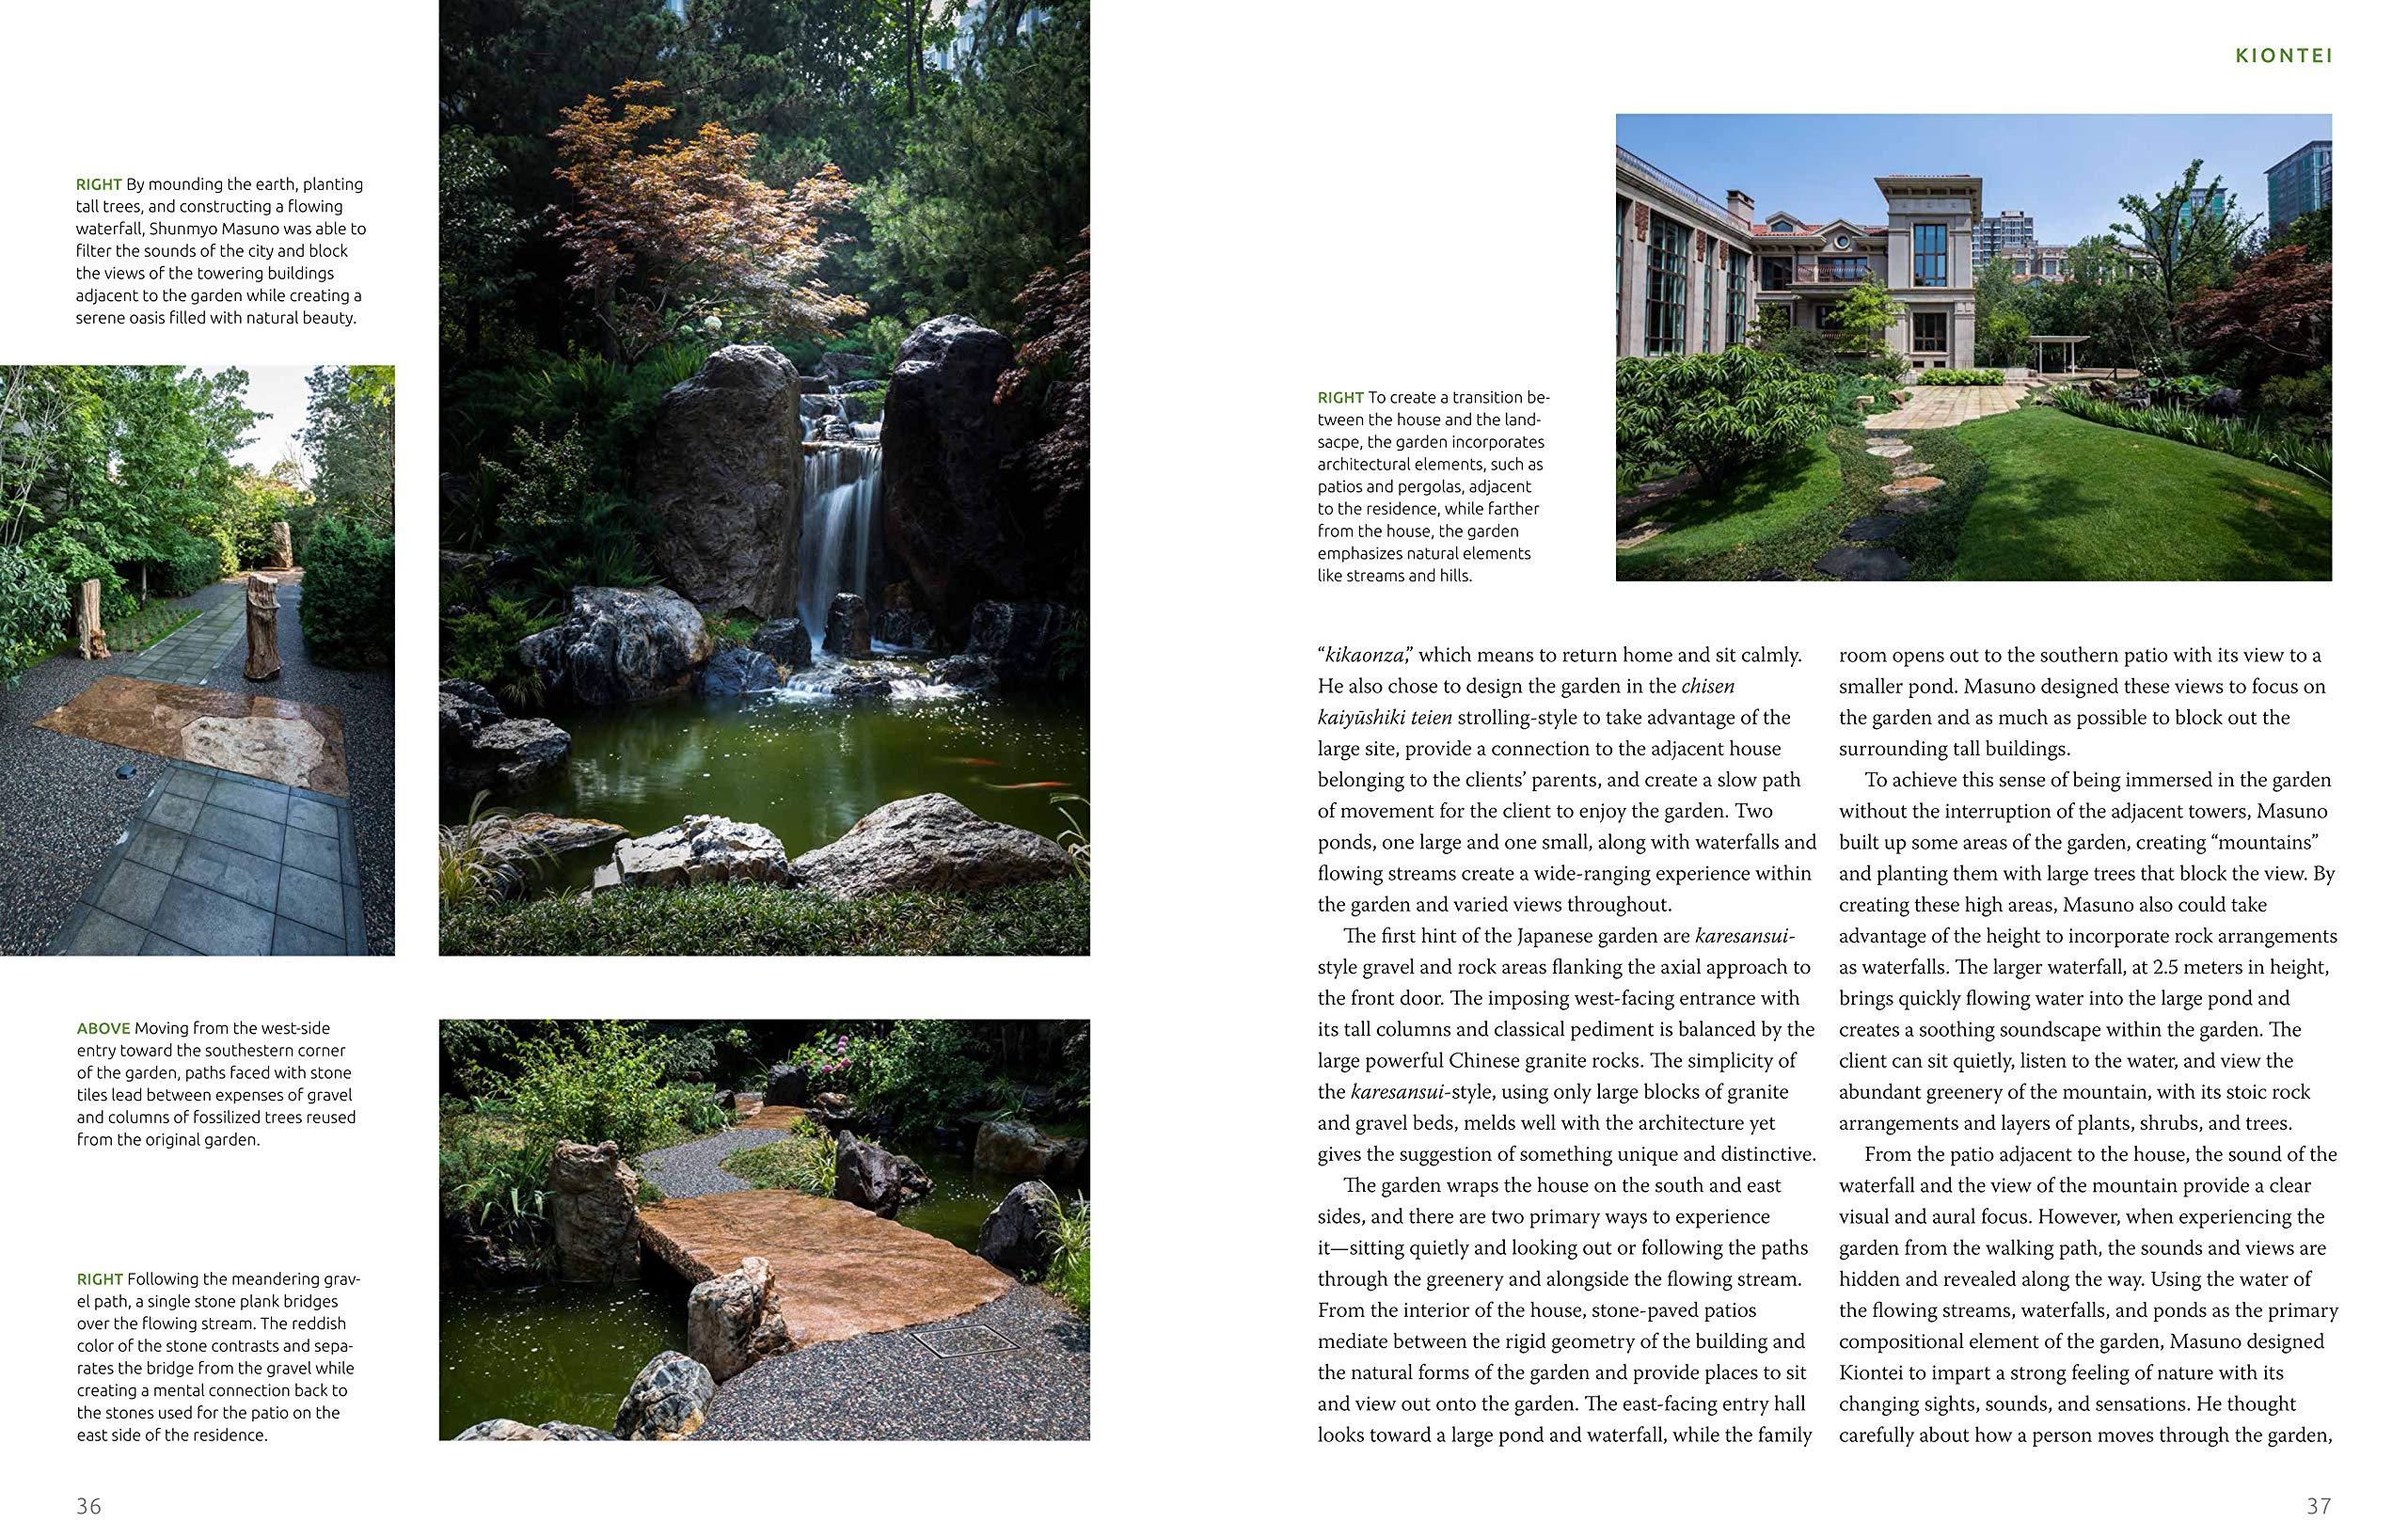 Zen Garden Design: Mindful Spaces by Shunmyo Masuno - Japans Leading Garden Designer: Amazon.es: Locher, Mira: Libros en idiomas extranjeros